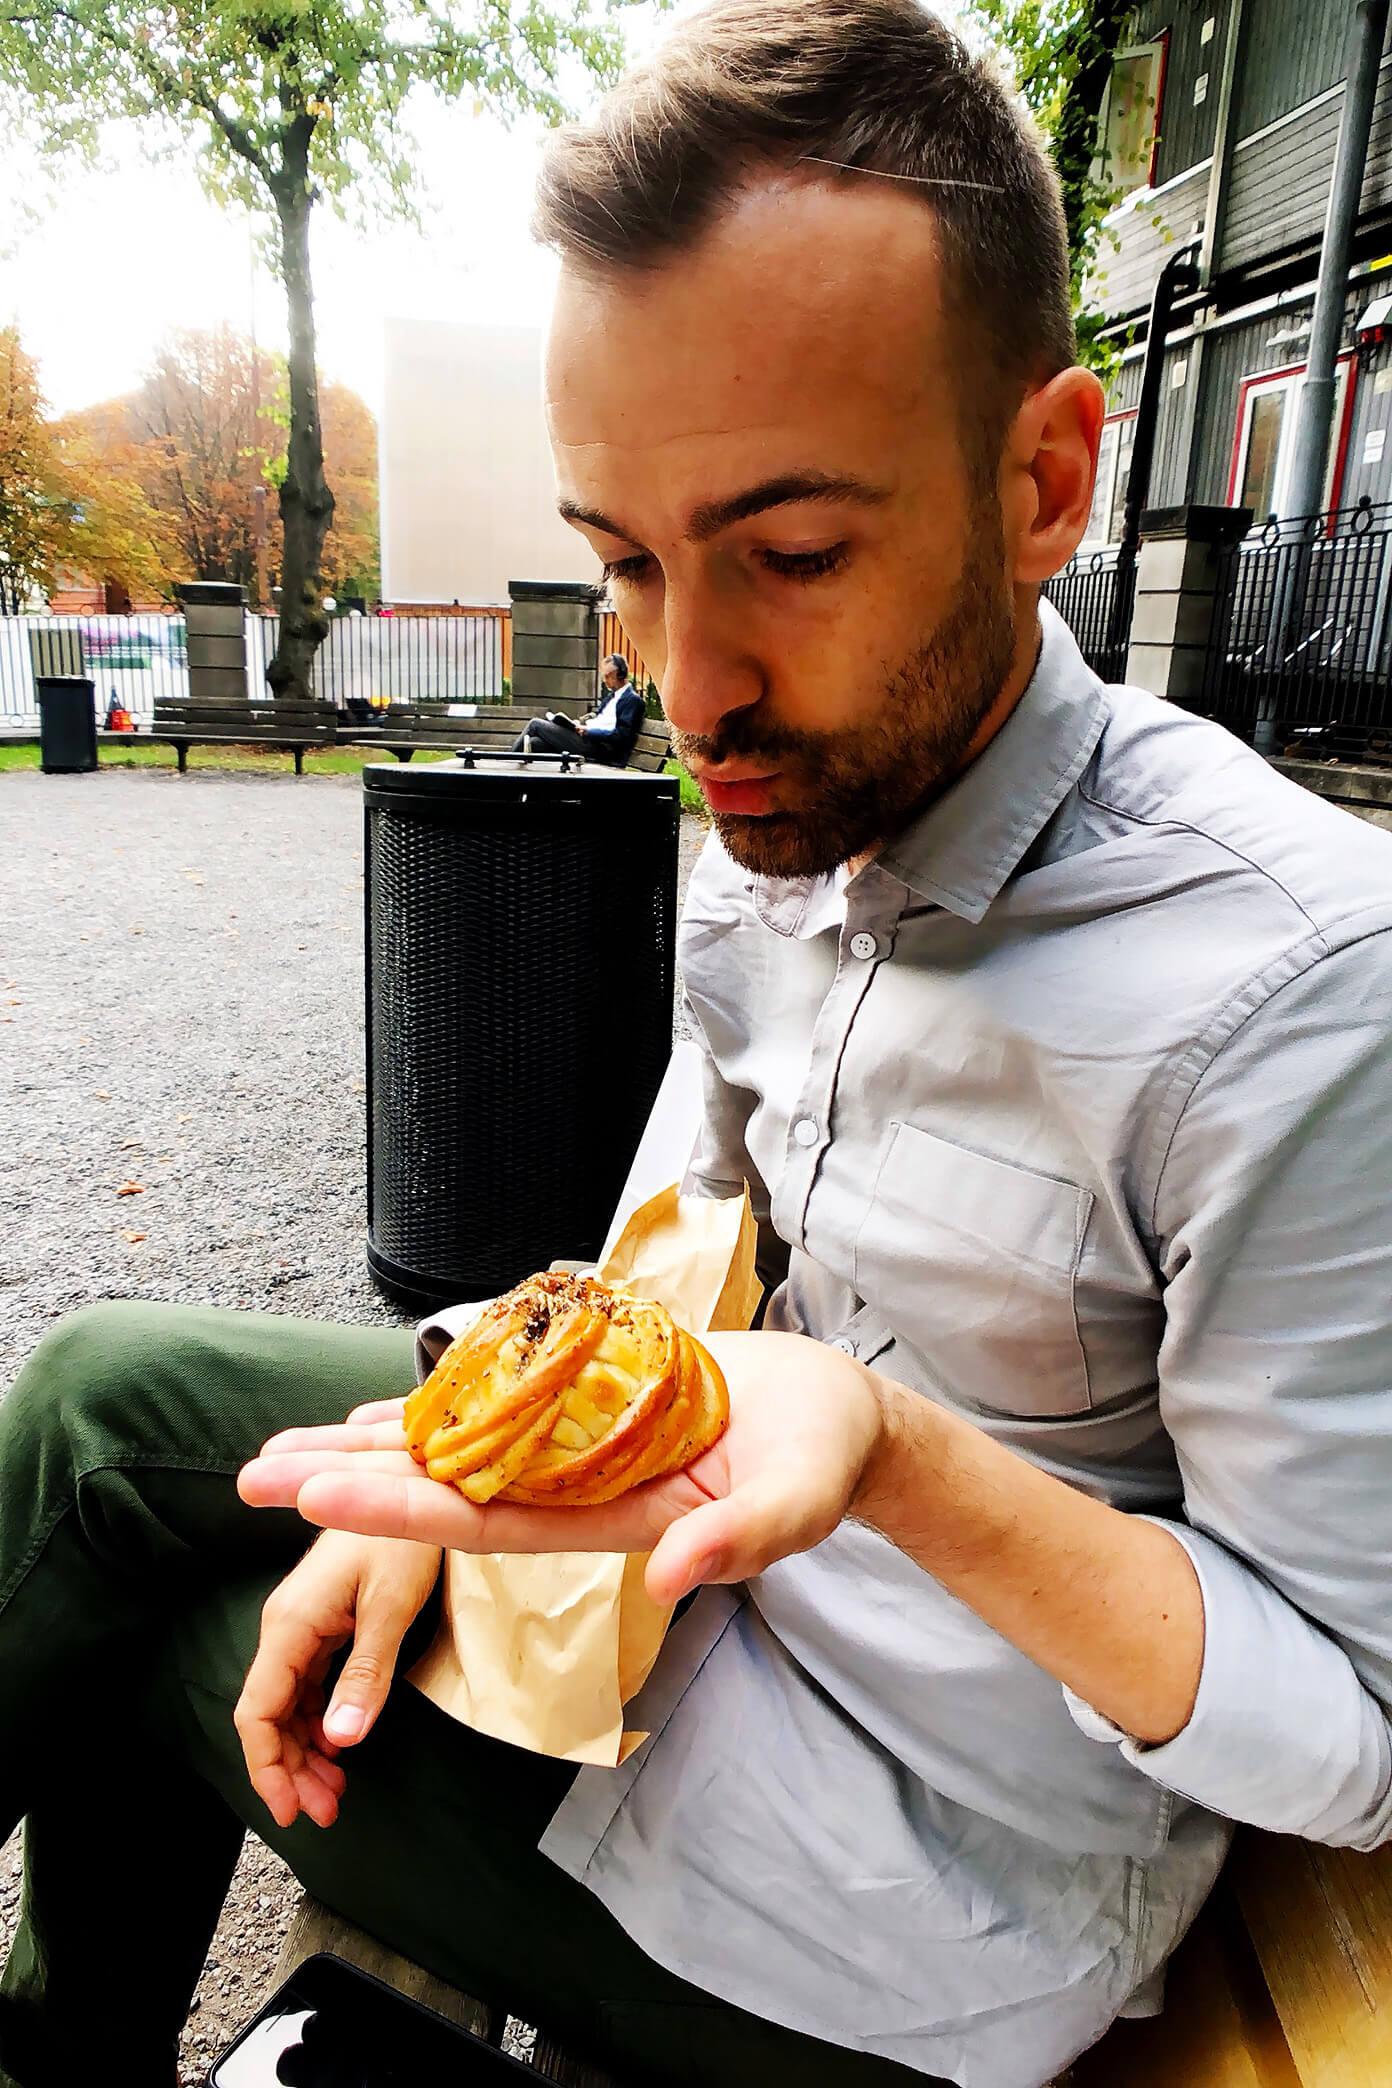 Cardamom bun in the park in Stockholm, Sweden